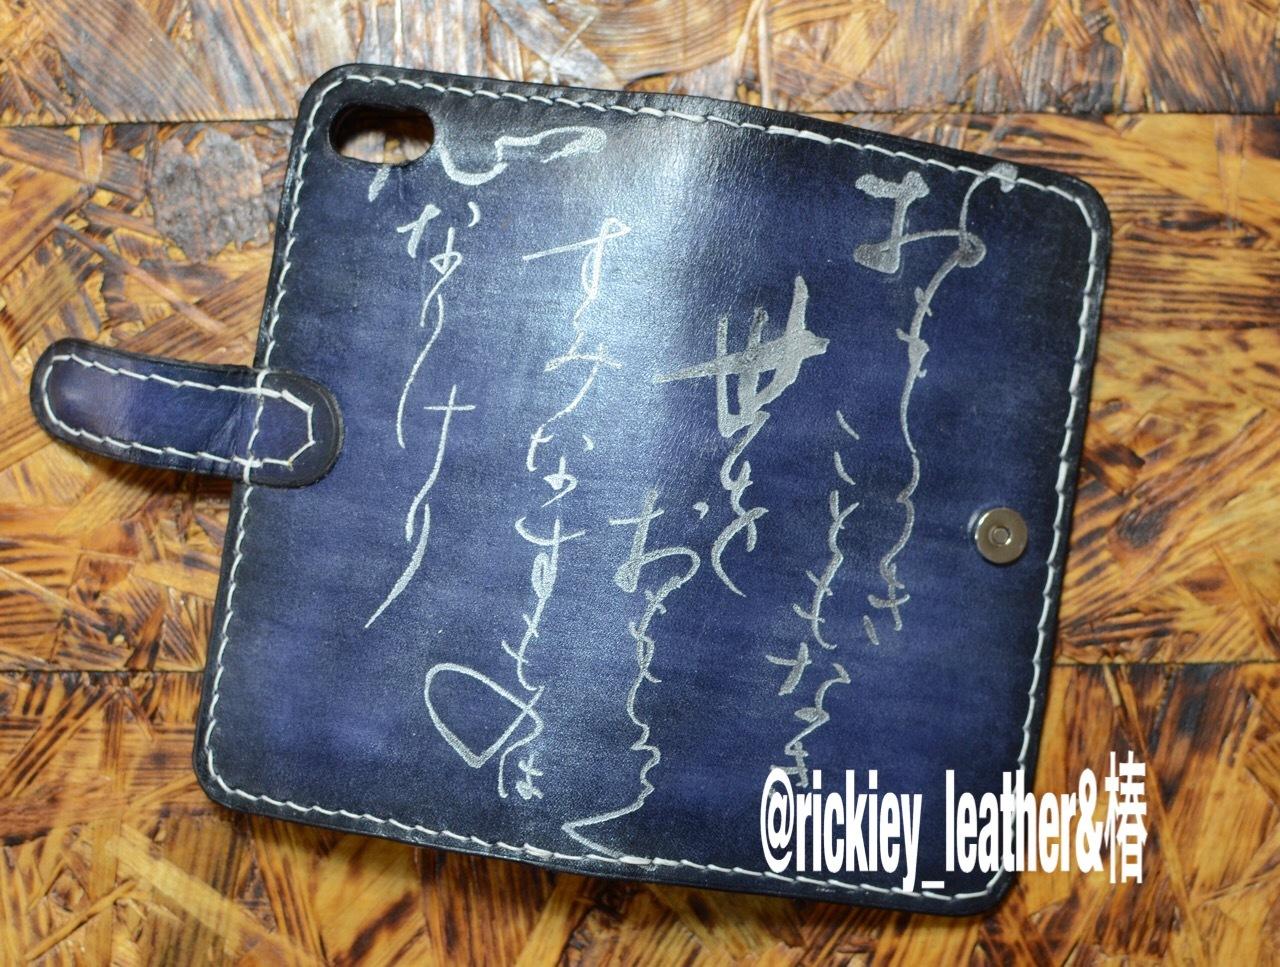 【現物販売】独特な色合いに手染め革に味のある書で和文(高杉晋作辞世の句)を掘り込んだ手帳型iPhone7,8ケース